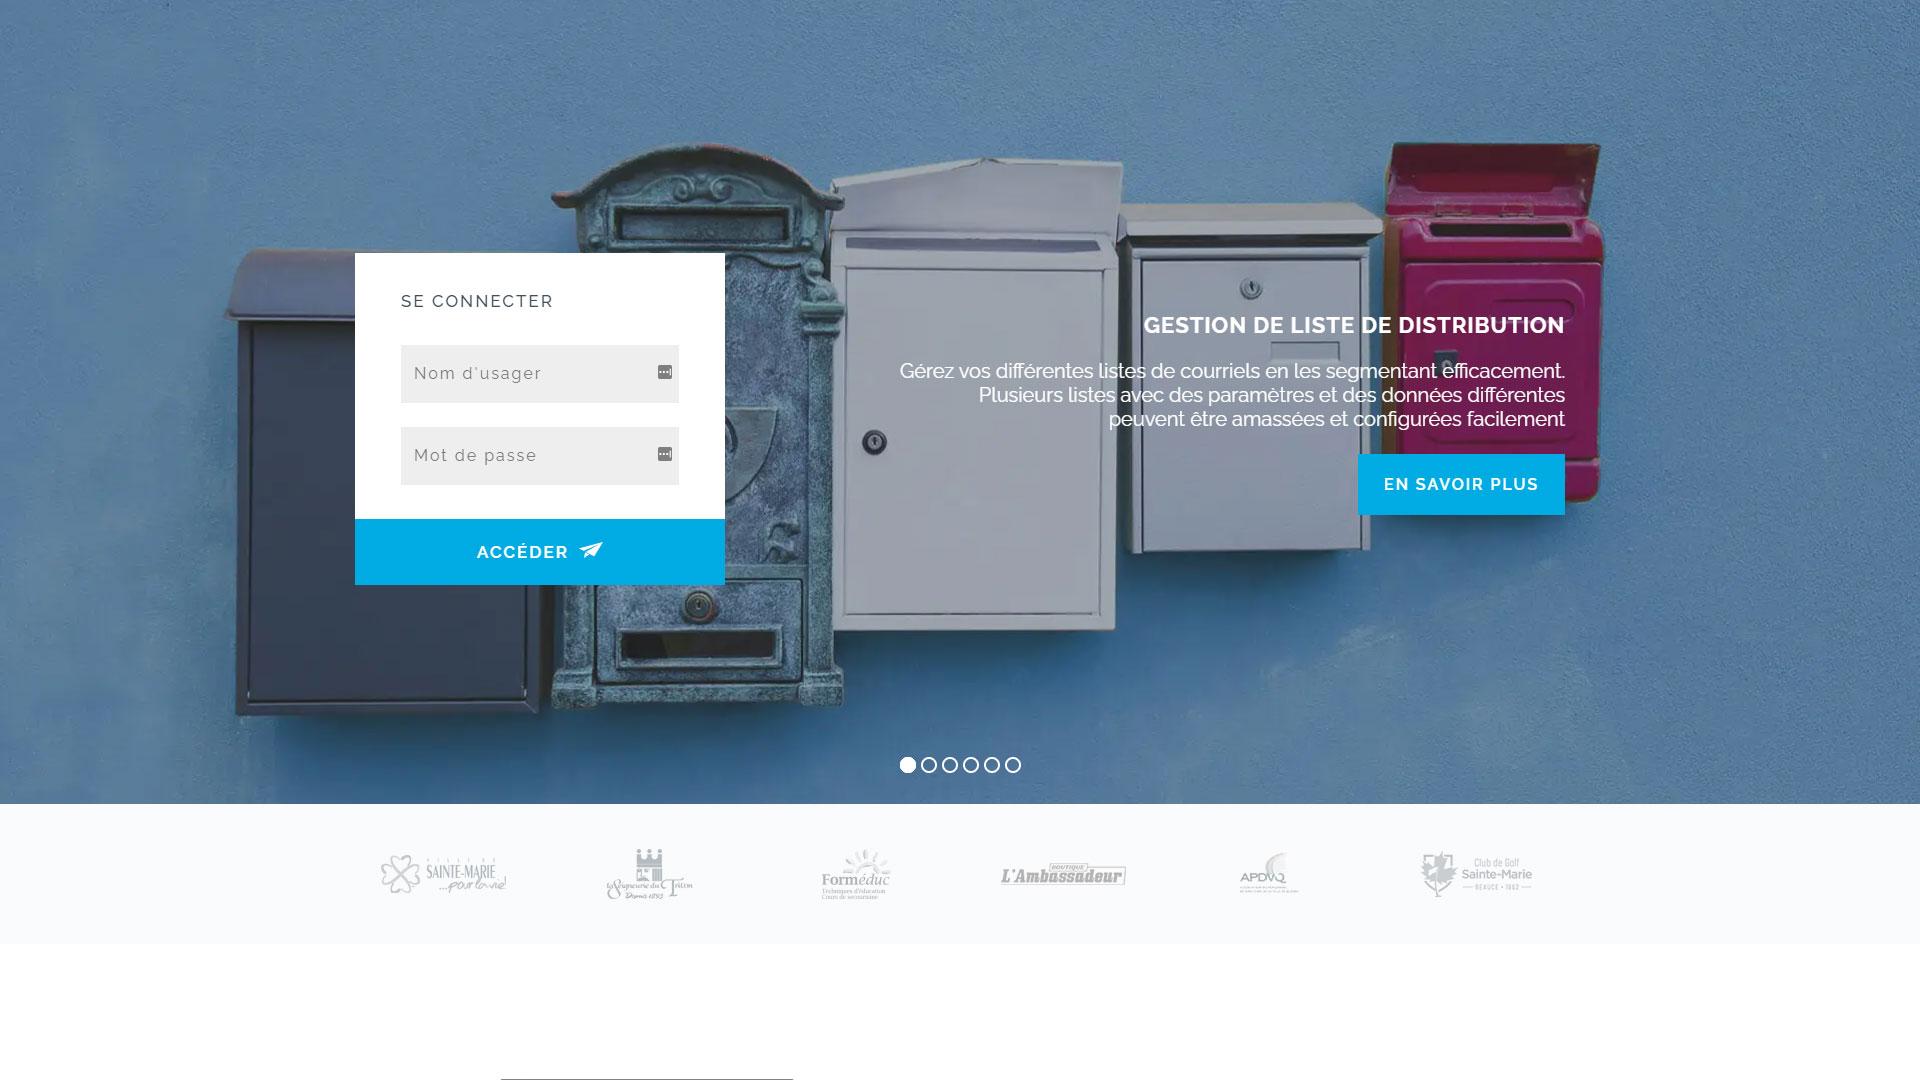 Envoicourriel.com